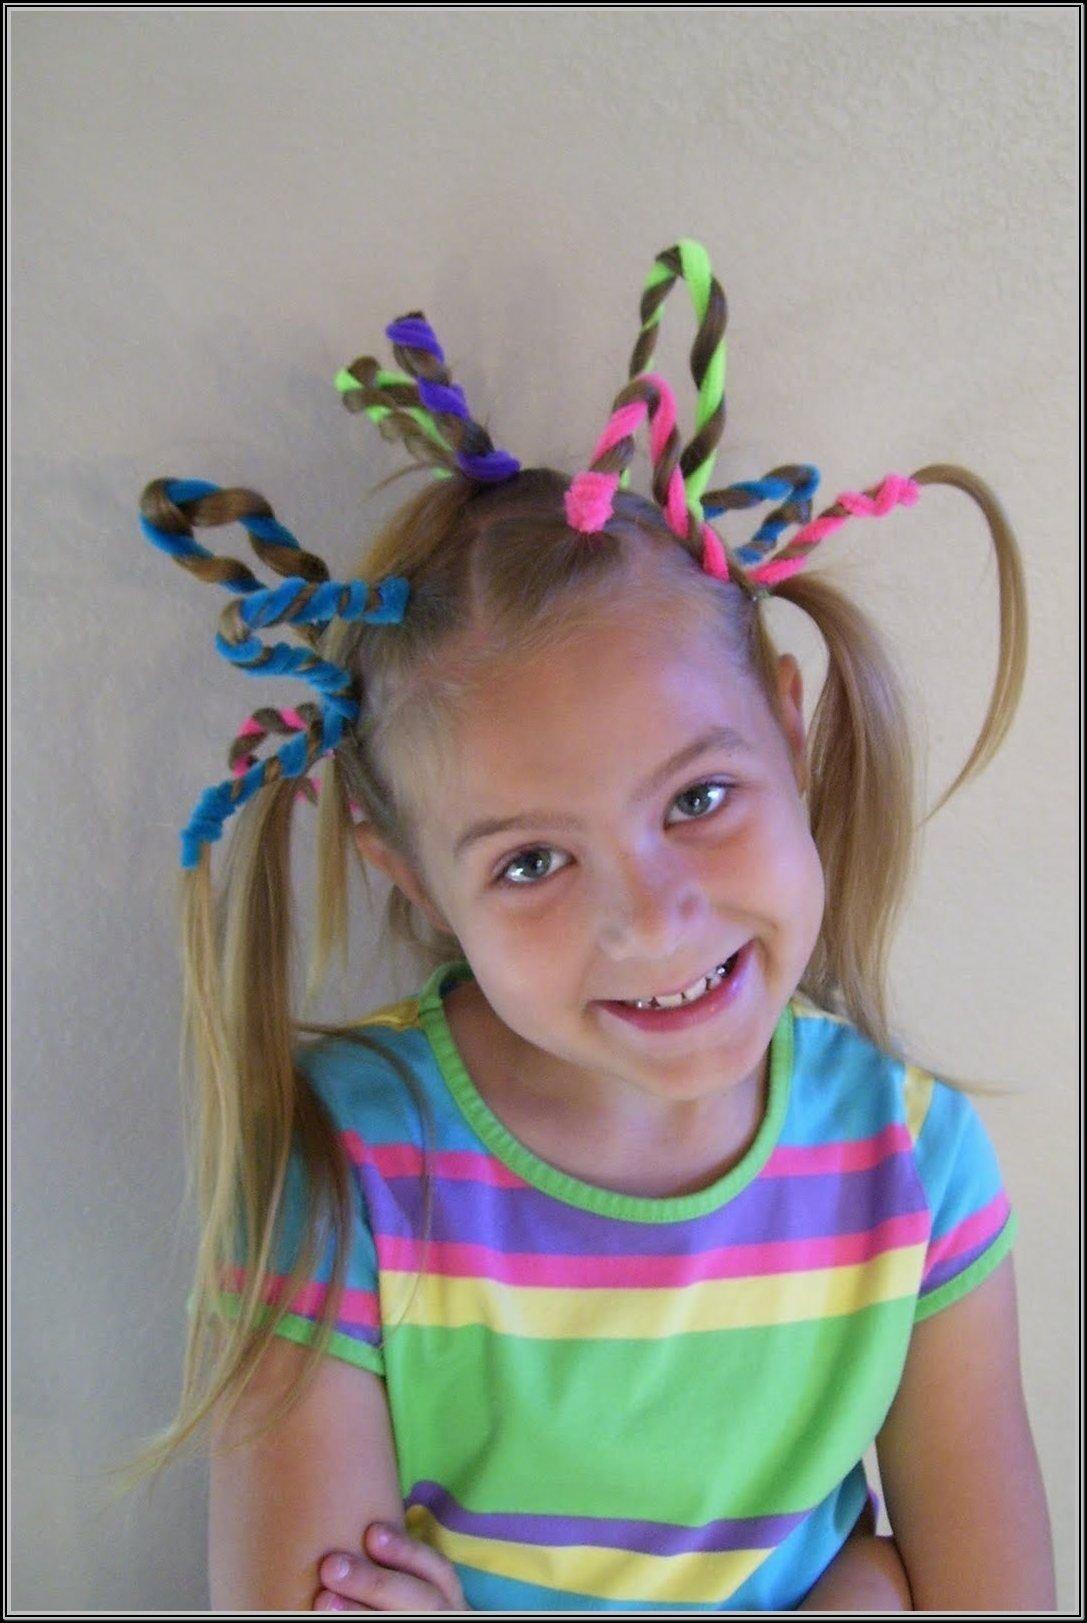 10 Unique Crazy Hair Ideas For Kids crazy hair day ideas for kids kiddos pinterest crazy hair and